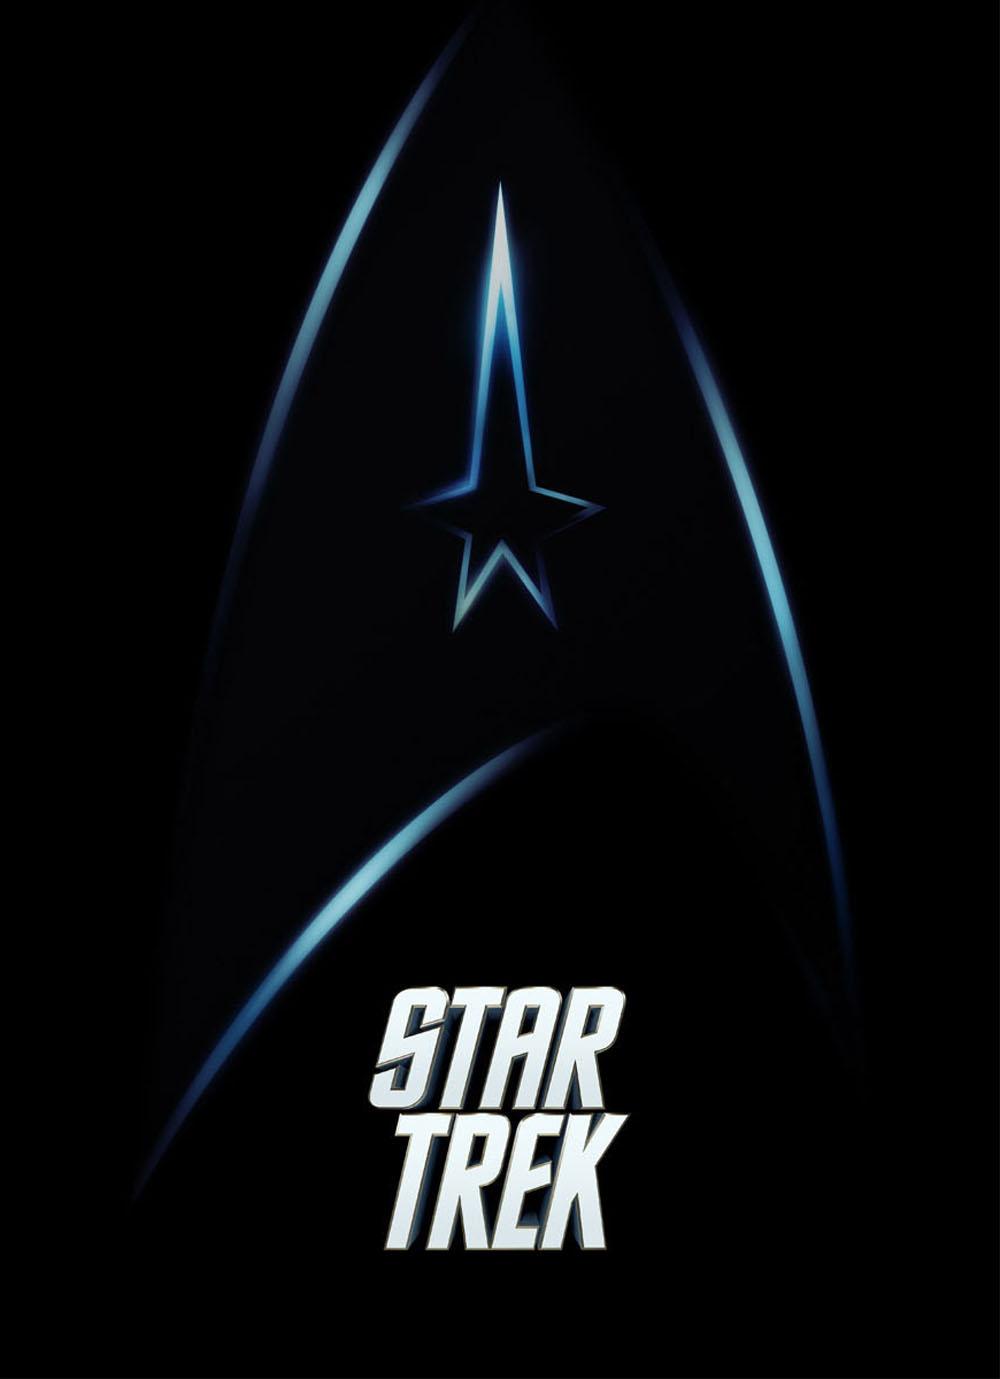 Star Trek (franquicia)